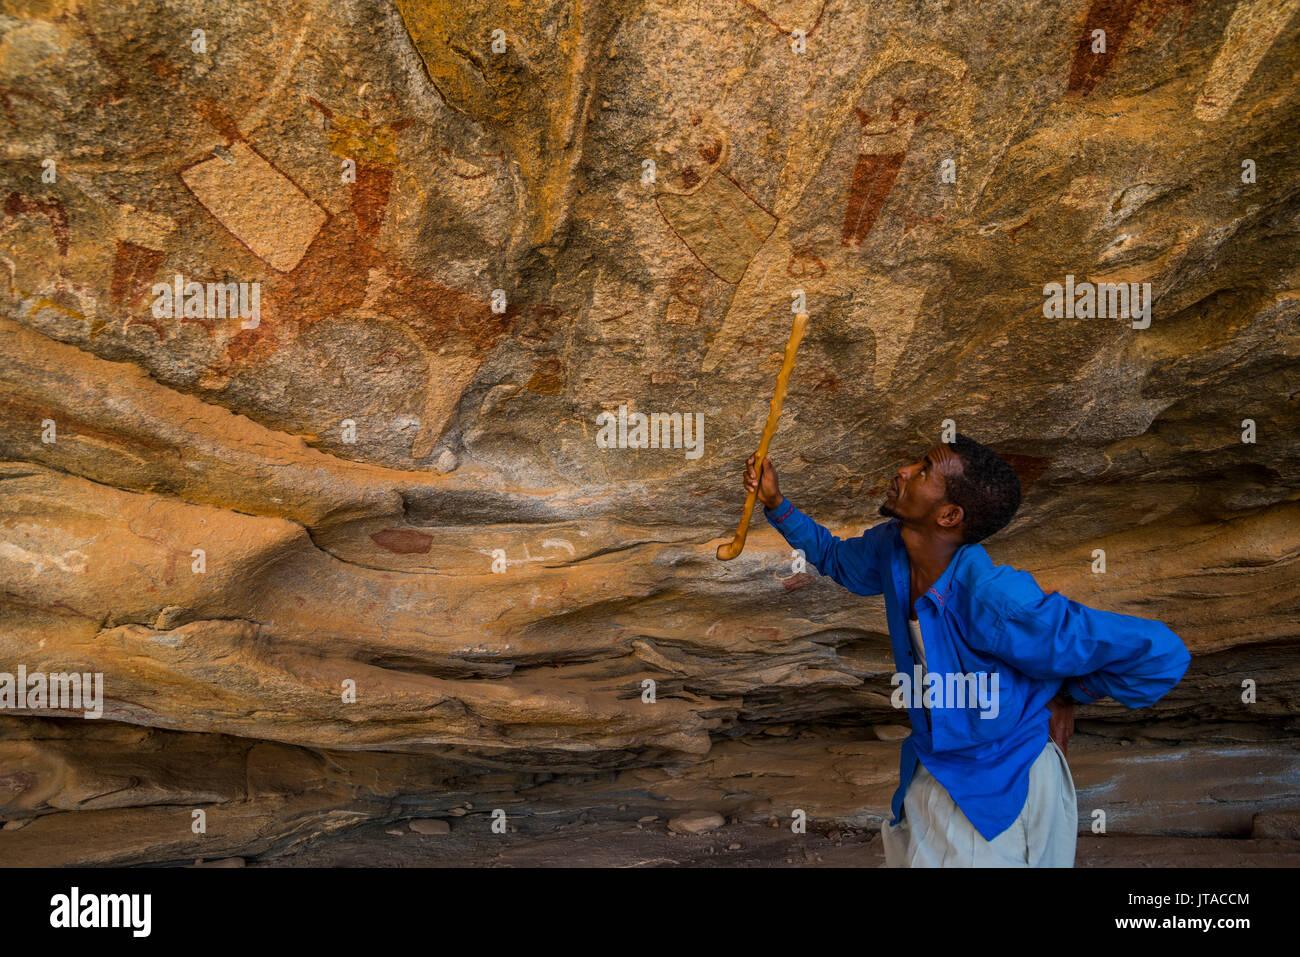 Guida a puntamento pitture rupestri in Lass Geel grotte, il Somaliland e la Somalia, Africa Immagini Stock